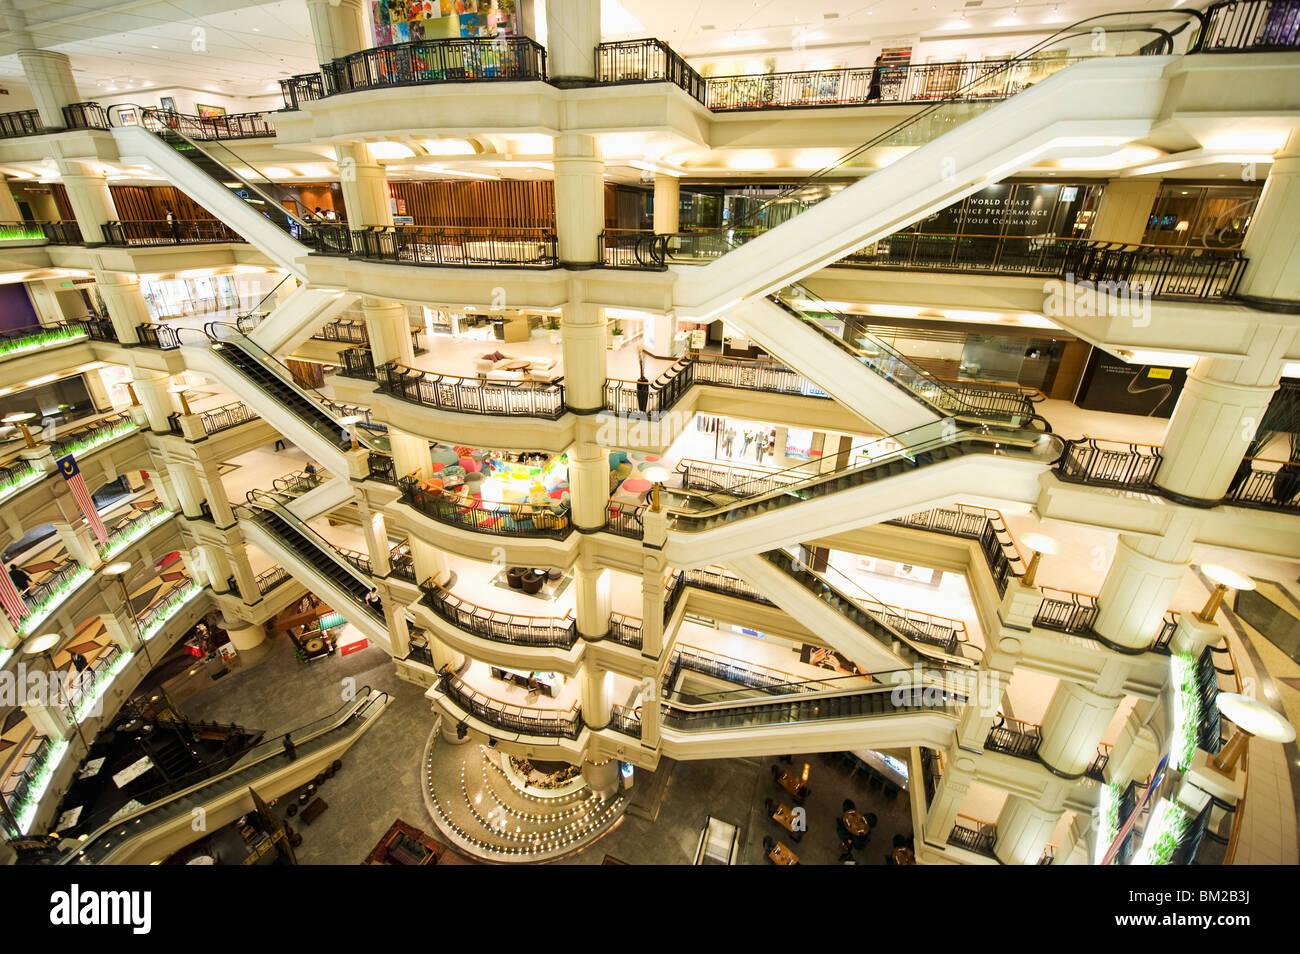 Starhill Gallery luxury shopping mall, Bukit Bintang, Kuala Lumpur, Malaysia, Southeast Asia - Stock Image